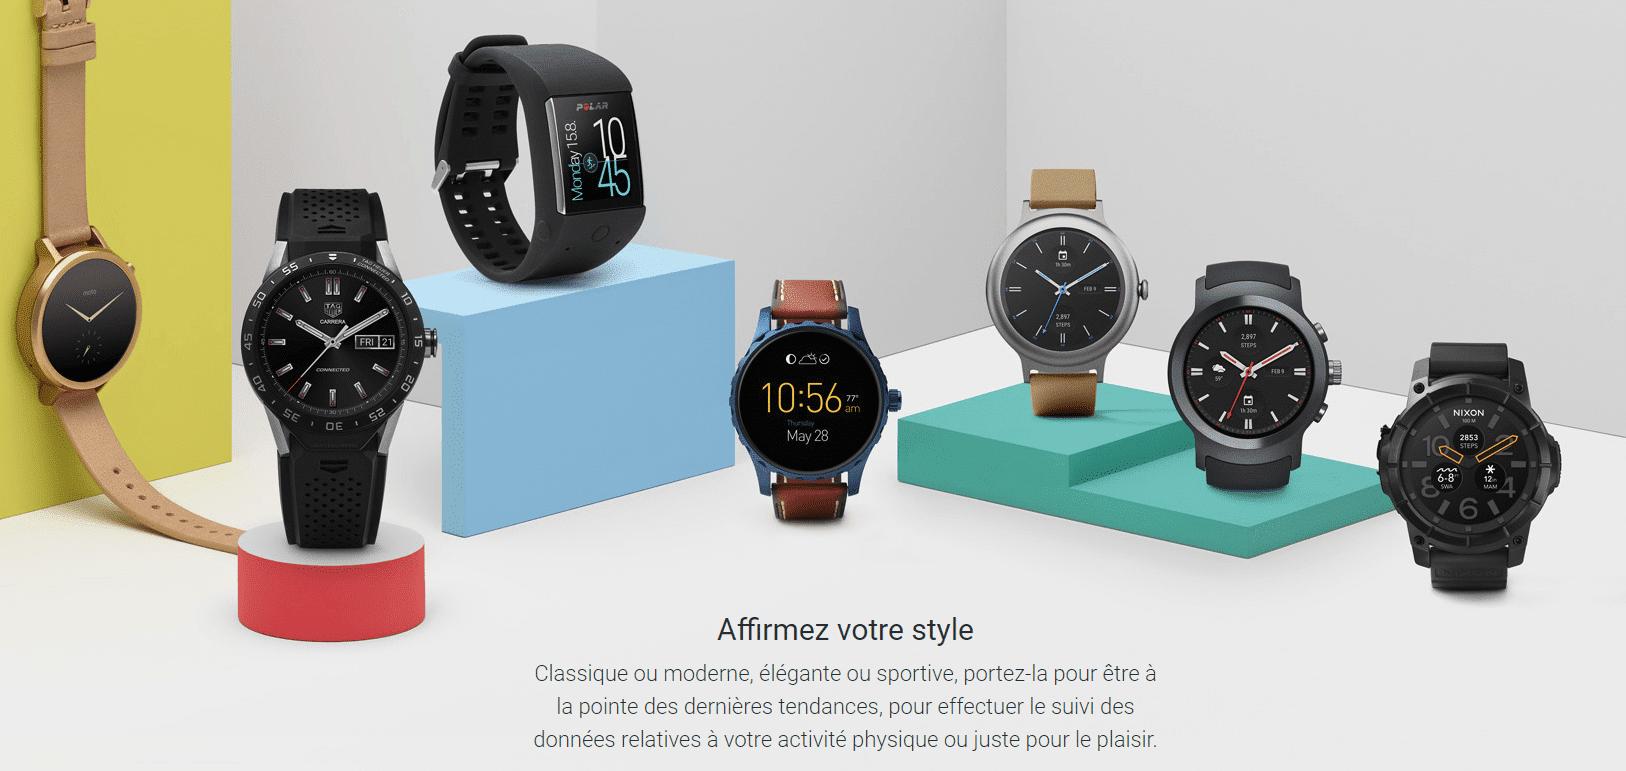 6c2953862eae8 Android Wear : tout savoir sur l'OS des montres connectées